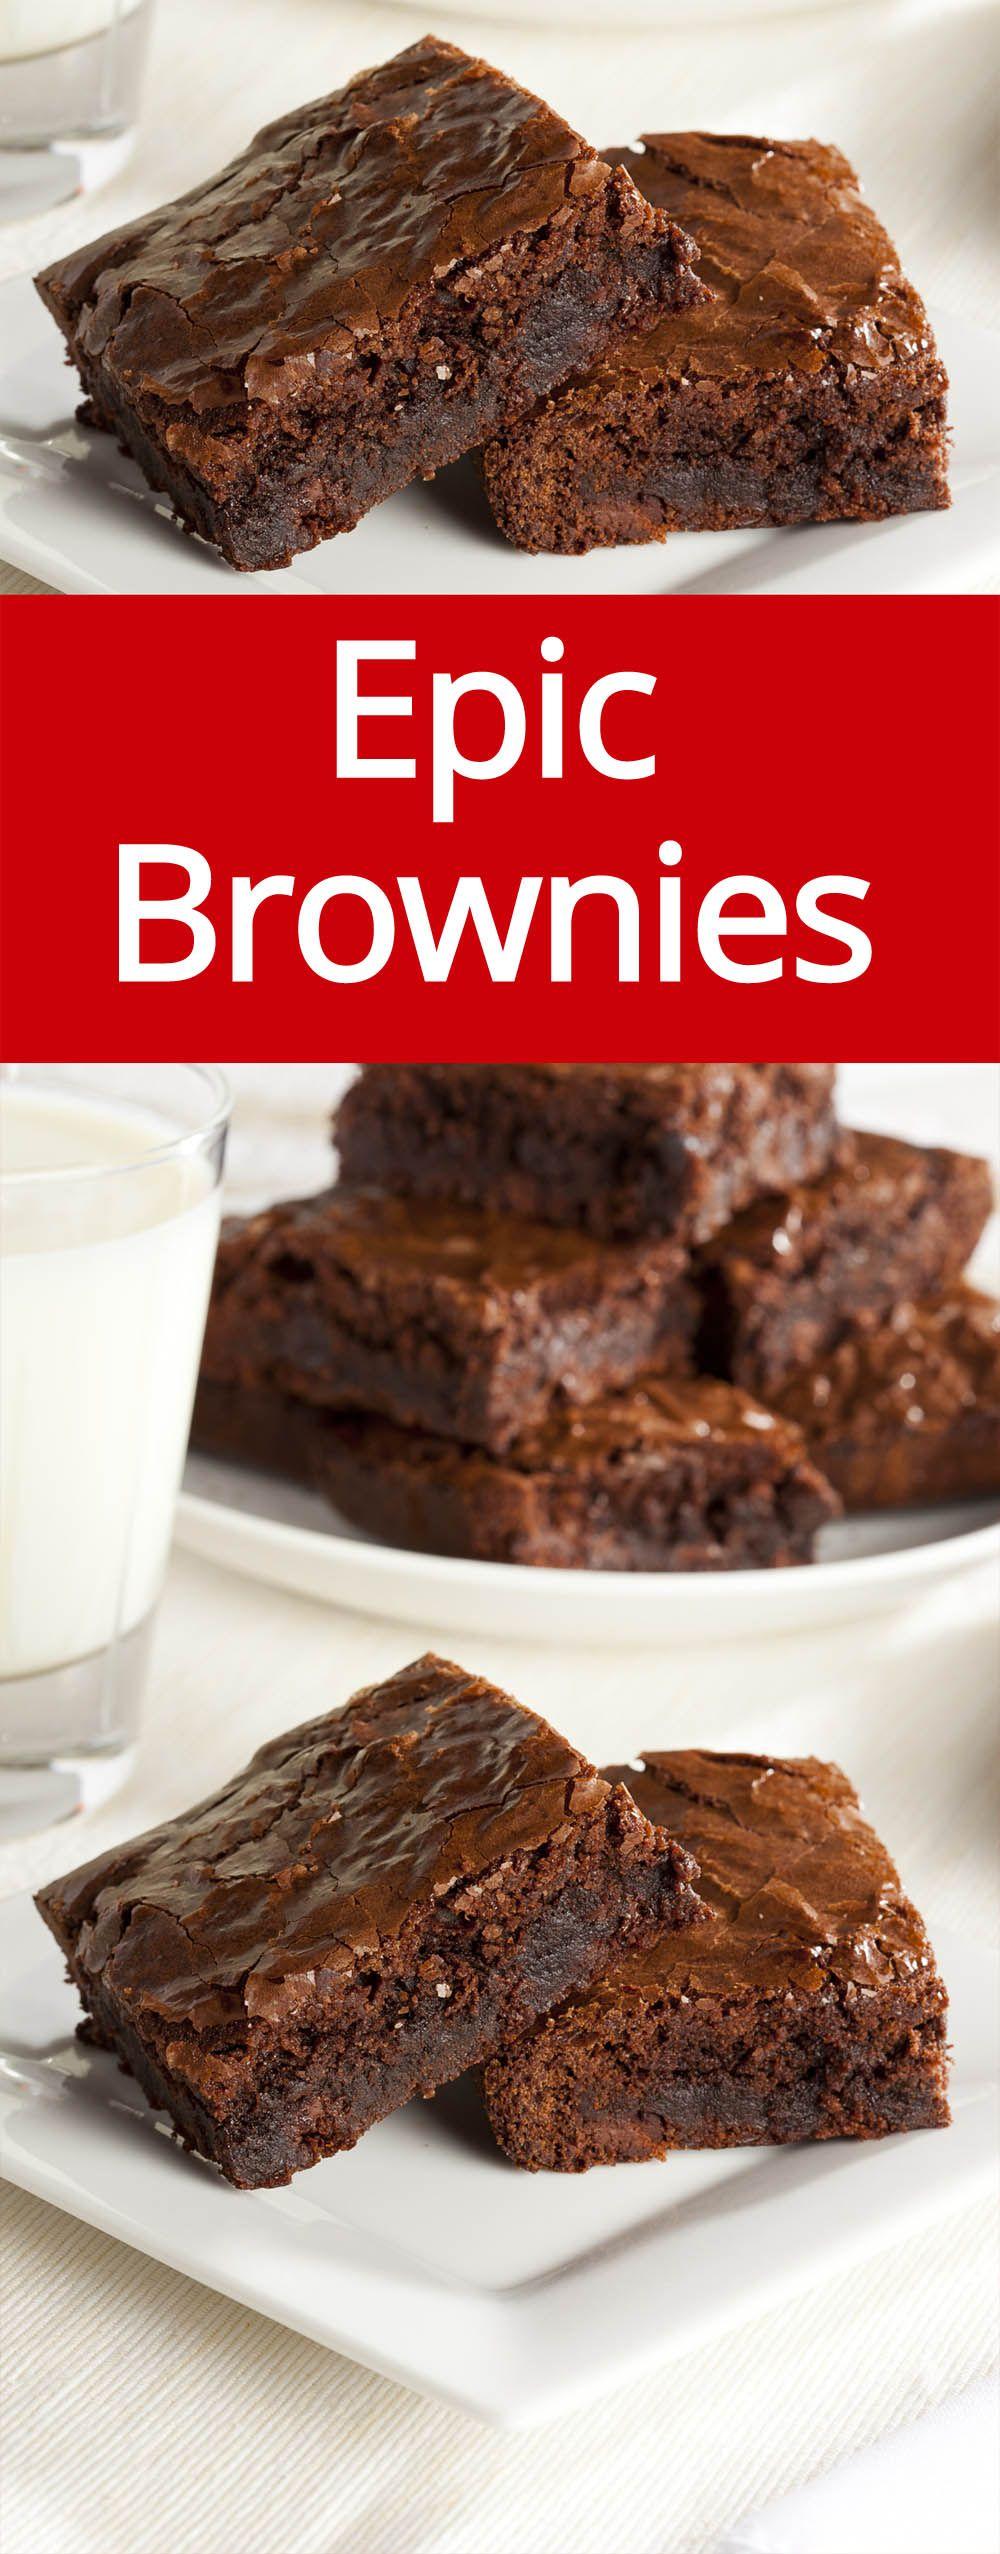 Epic Brownies – Best Chocolate Brownies Recipe